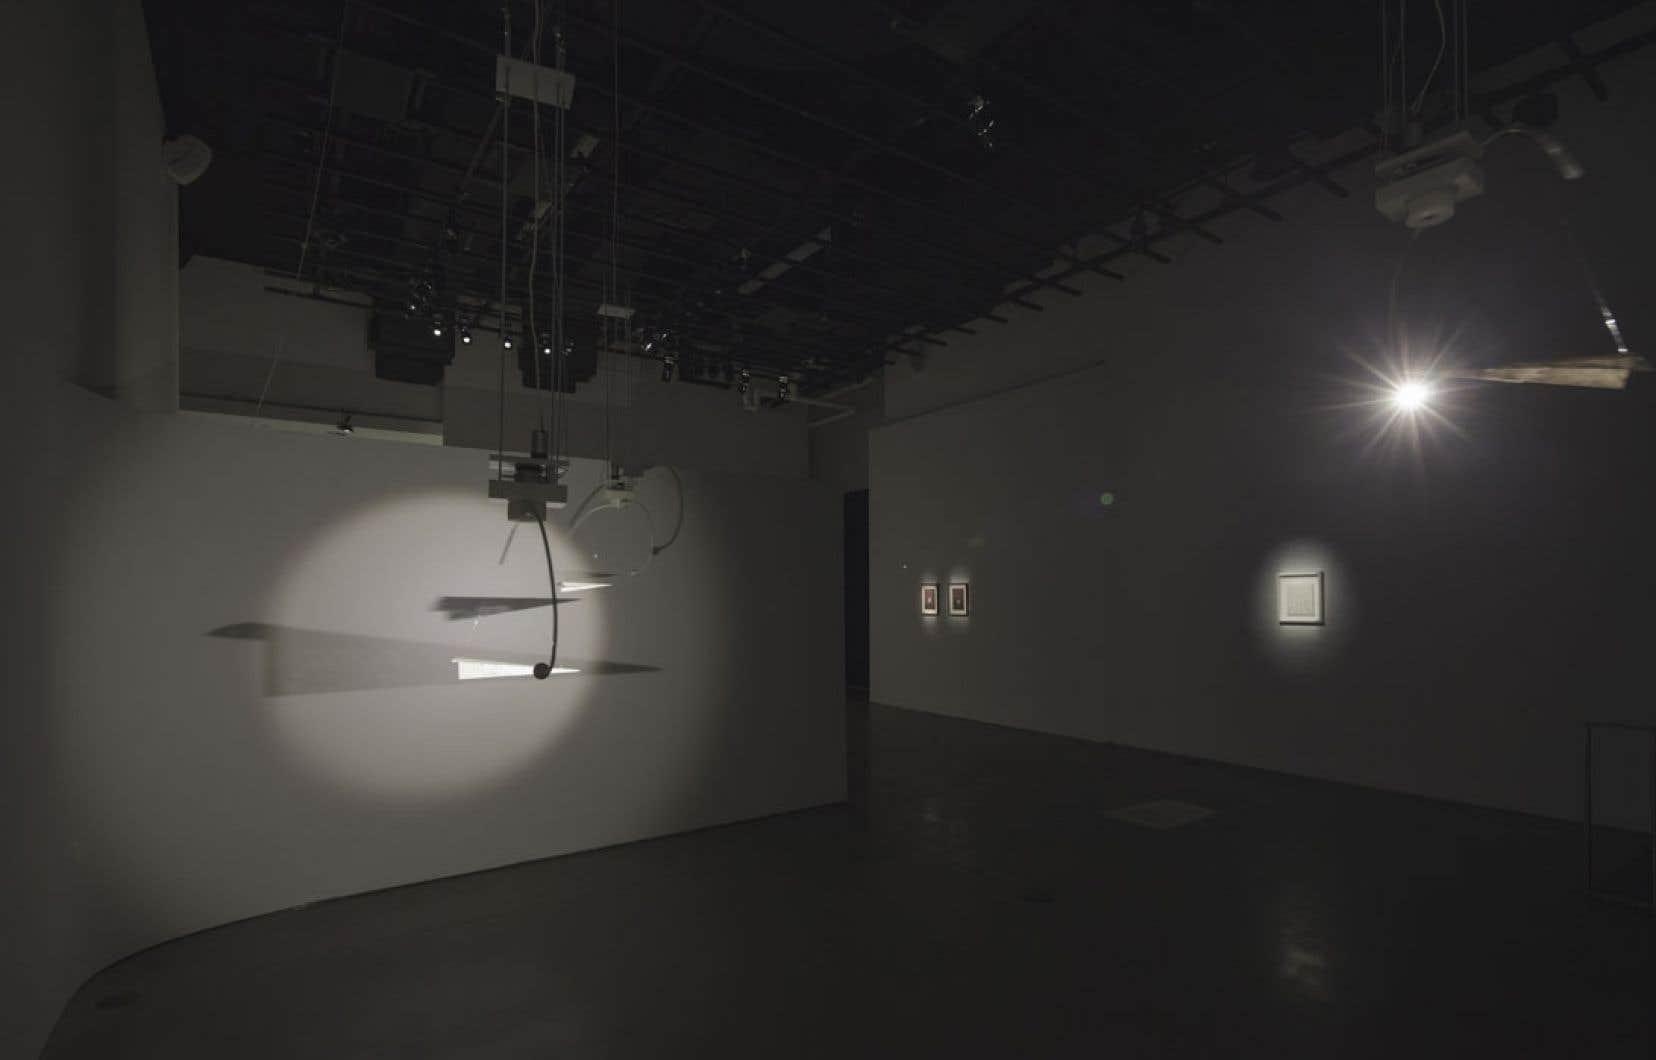 Vidéaste, artisane de la lumière et du mouvement, Pavitra Wickramasinghe fonde sa pratique sur les illusions.